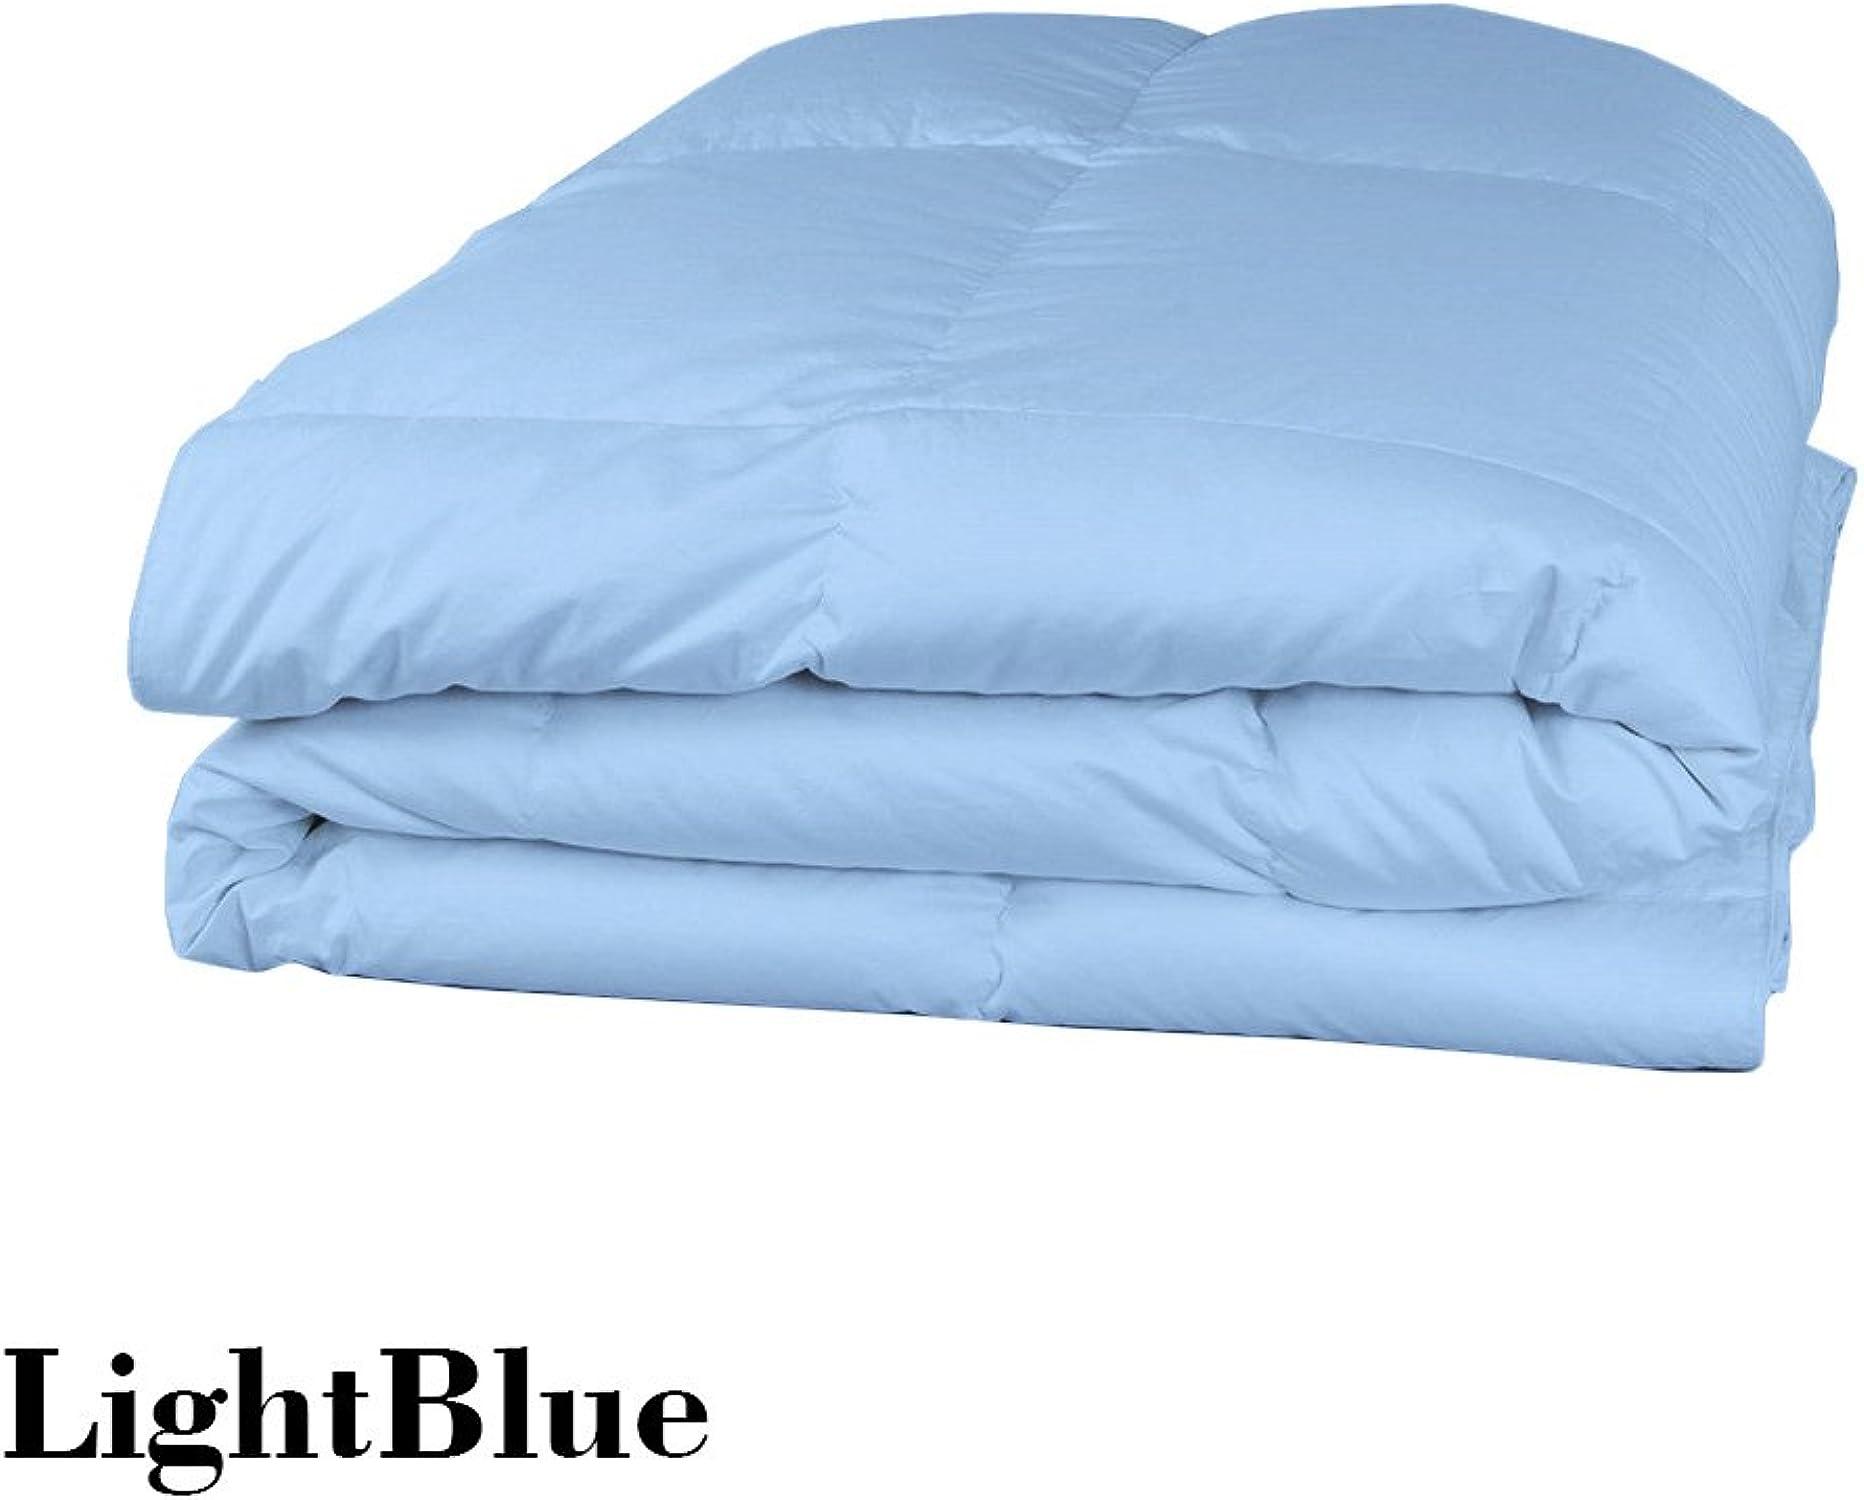 Dreamz Parure de lit Super Doux 500Fils 100% Coton 1Housse de Couette (200g m2 Fibre Fill) Empereur, Bleu Clair Bleu Ciel Solide Coton égypcravaten Scala Doudou